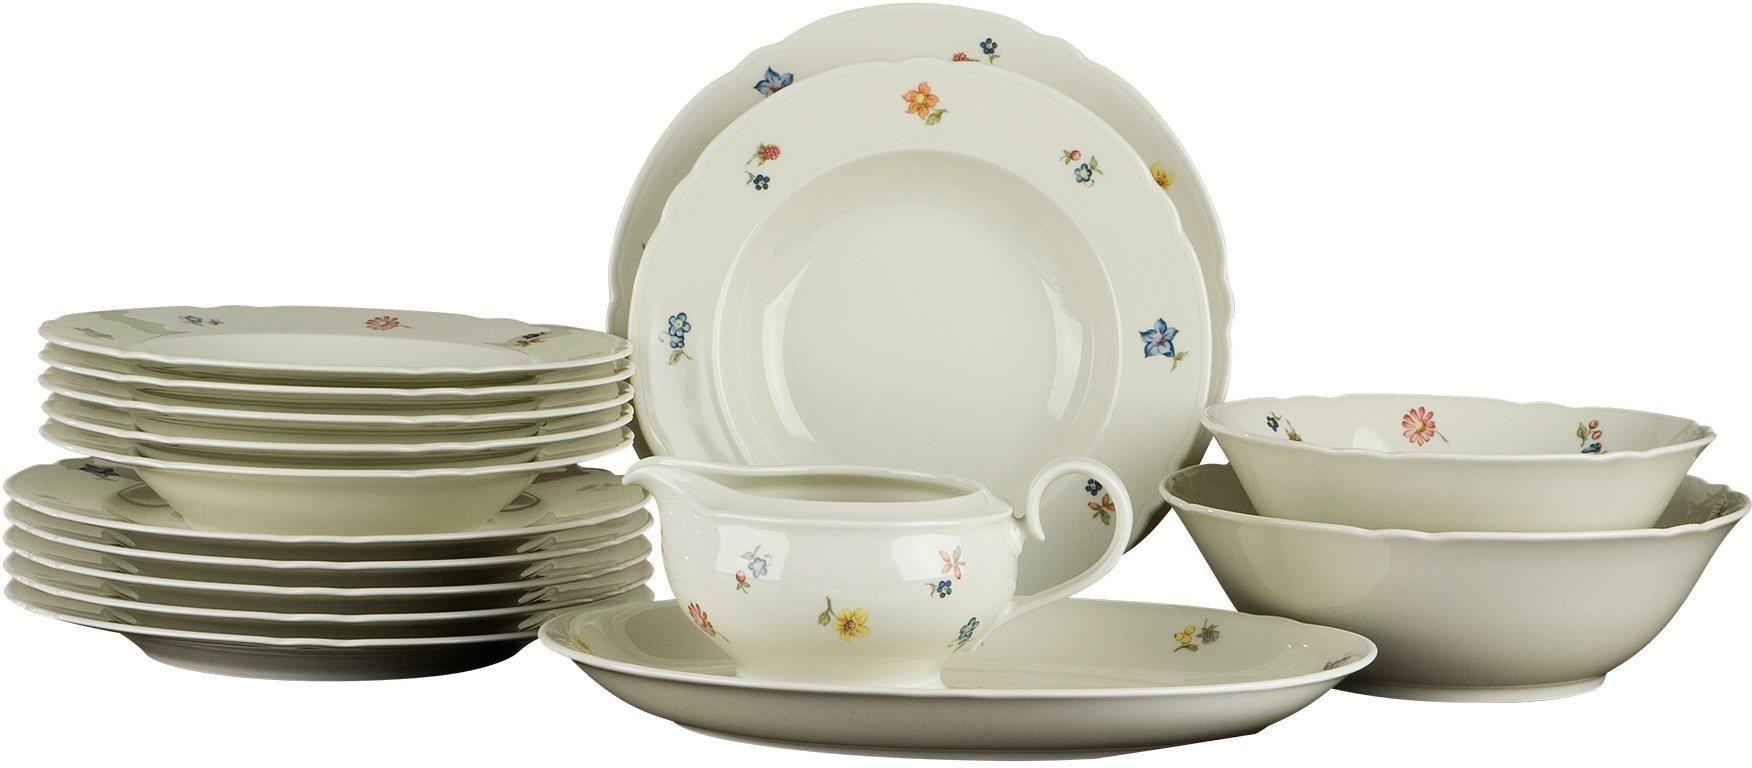 roller Geschirr online kaufen   Möbel-Suchmaschine   ladendirekt.de